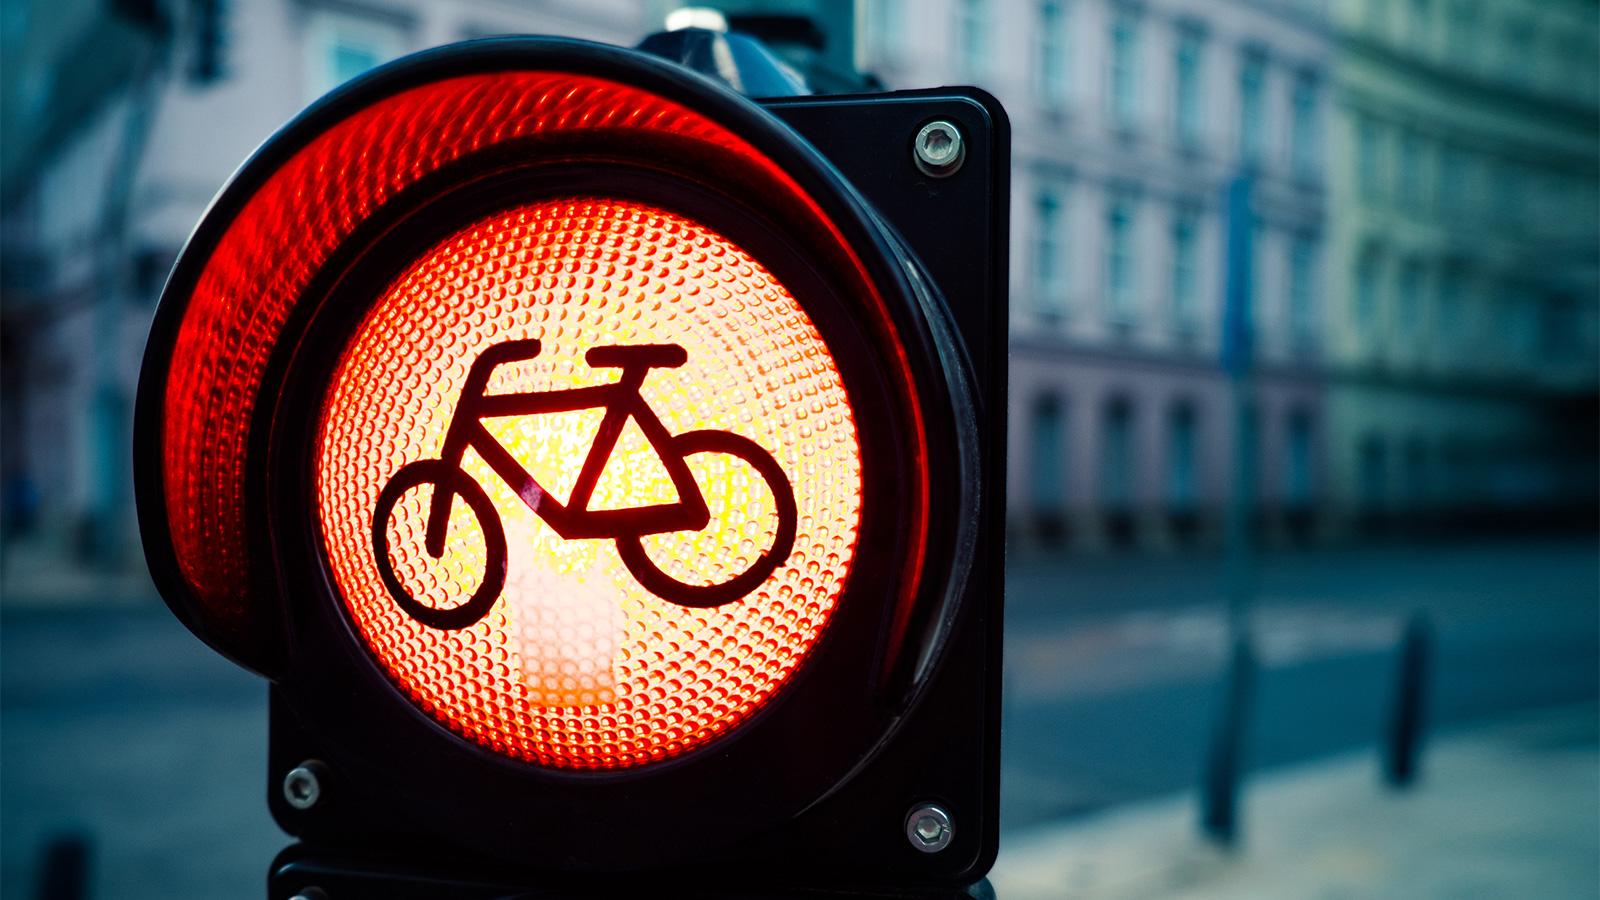 Quantos pontos perde um ciclista se não parar num STOP?